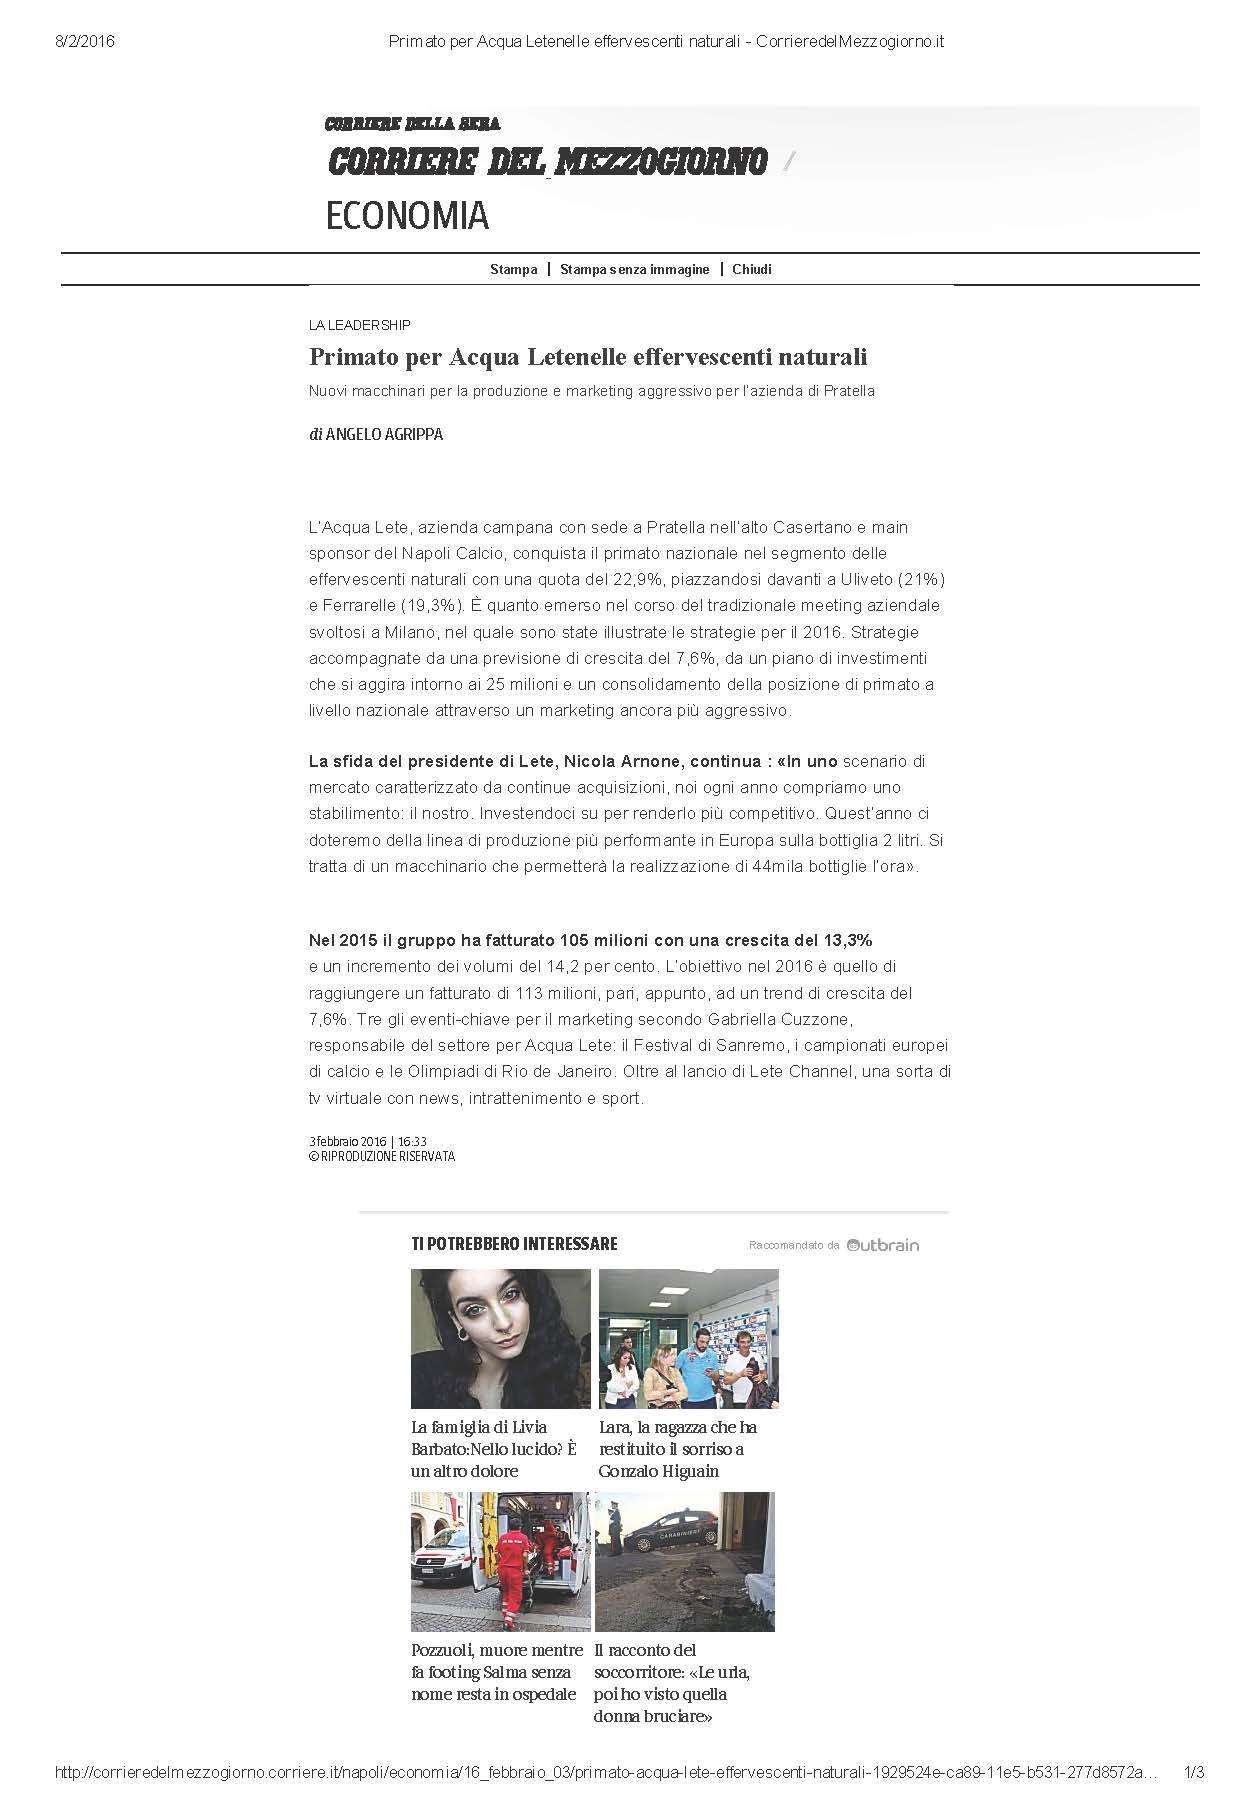 corriere del mezzogiorno_Pagina_1